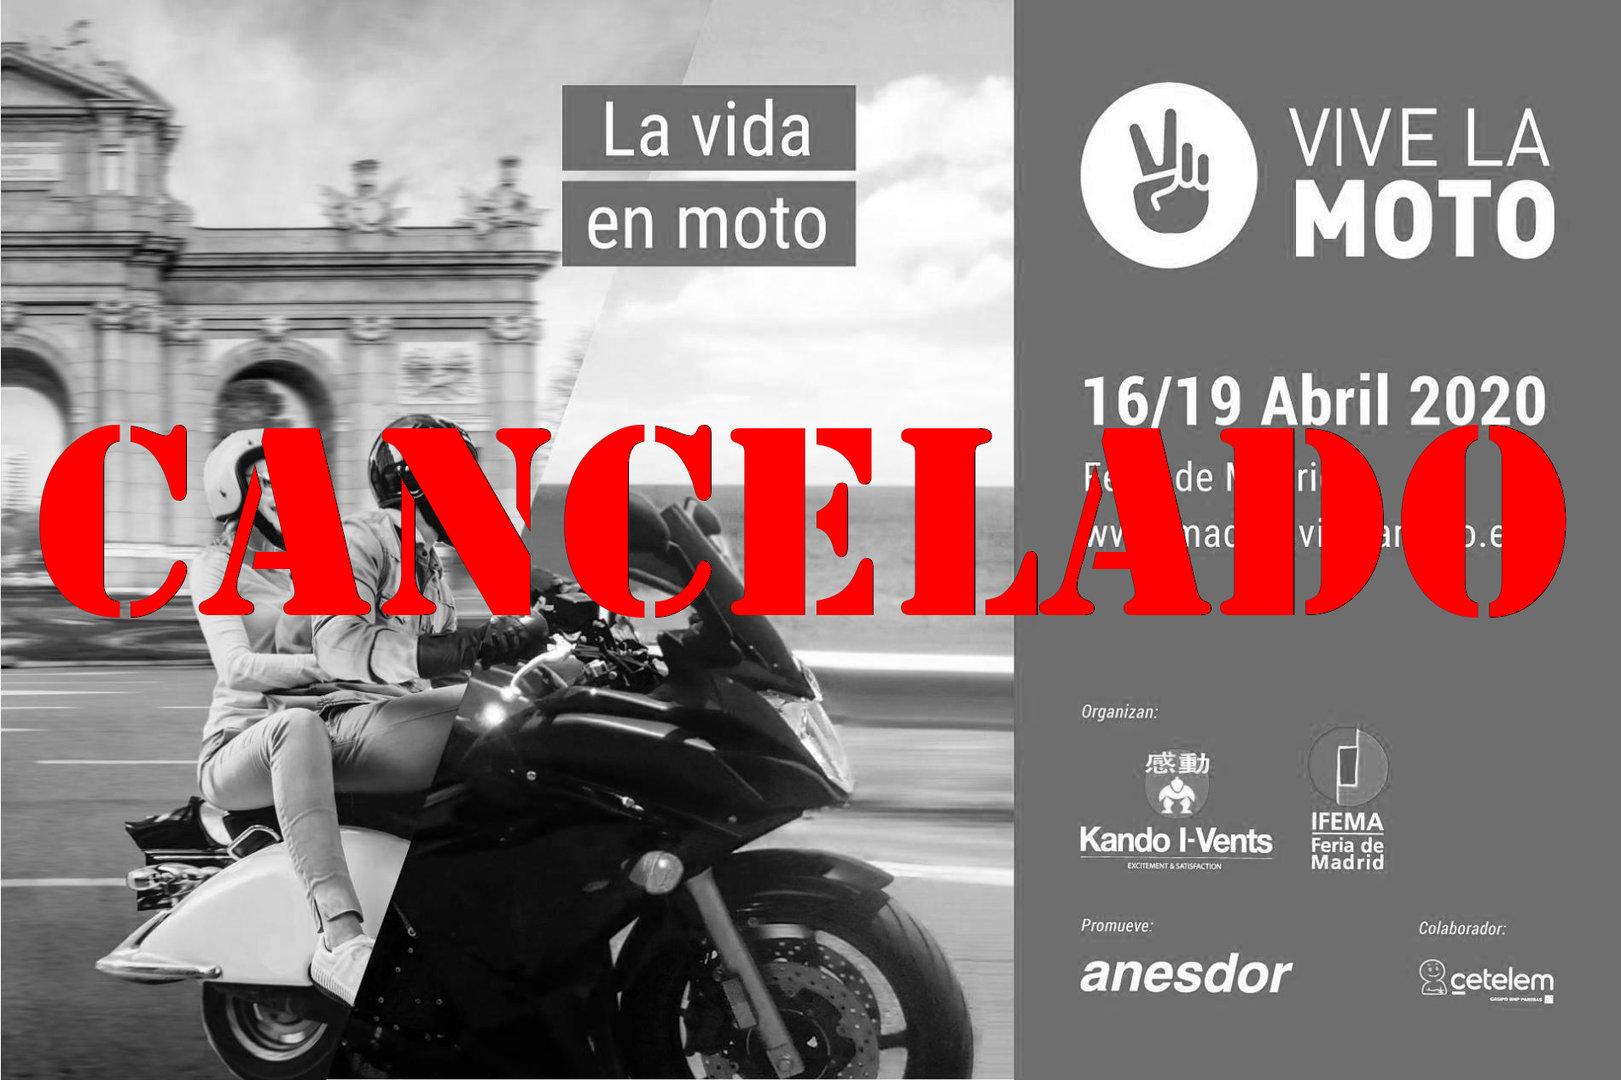 El Salón Vive la Moto 2020 se ha cancelado también